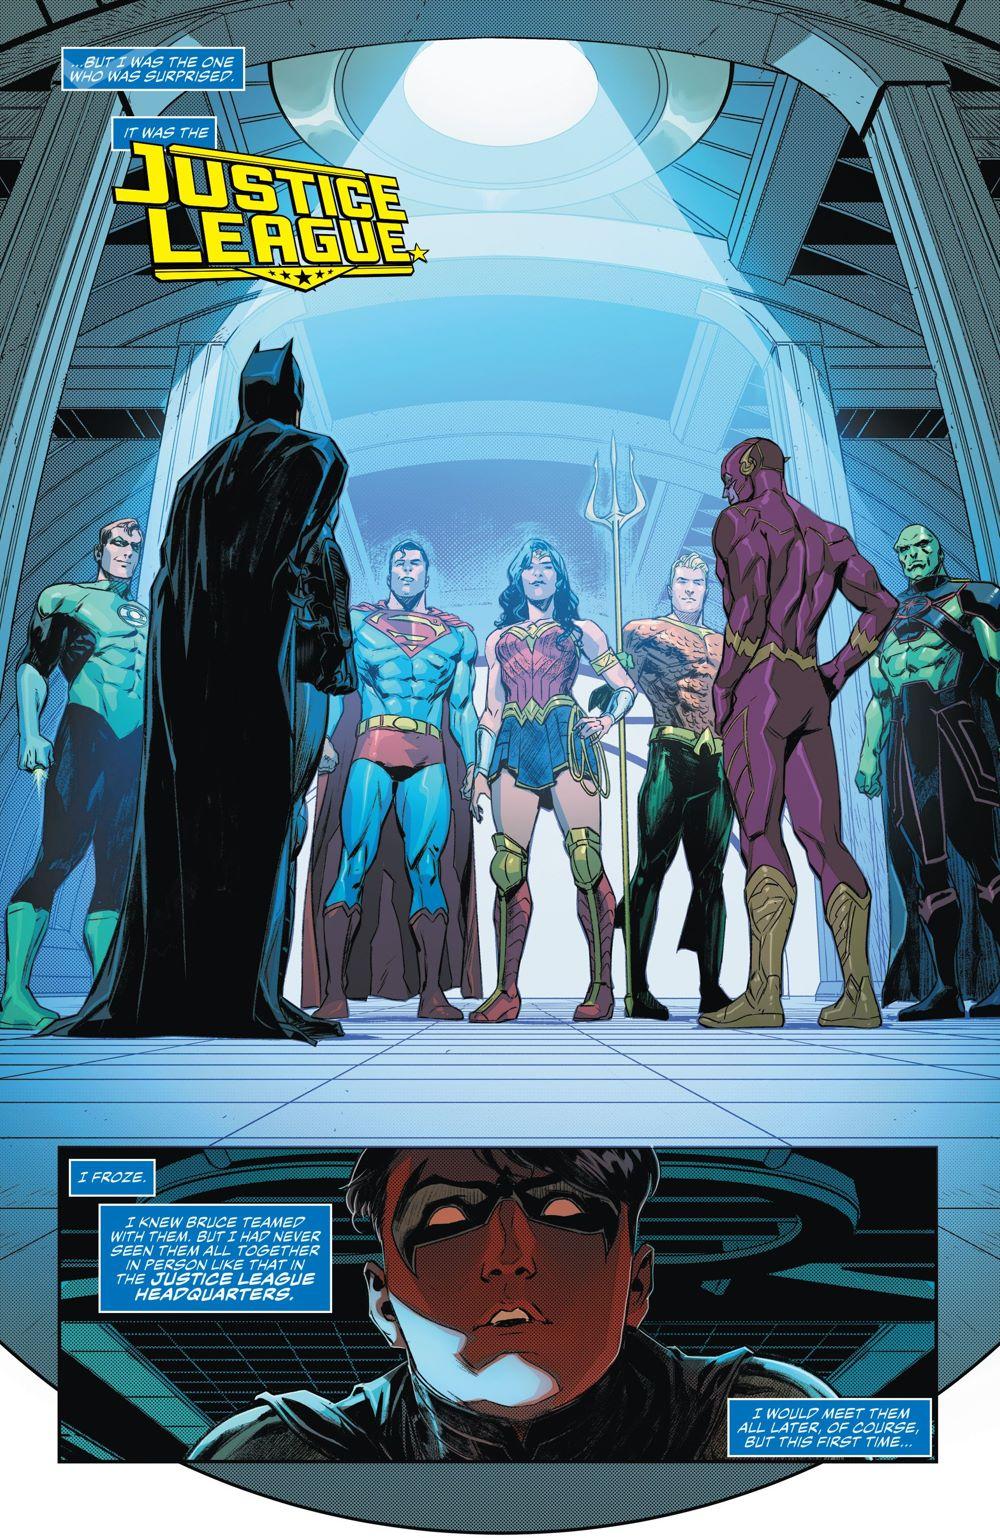 JUSTICE-LEAGUE-53-2 ComicList Previews: JUSTICE LEAGUE #53